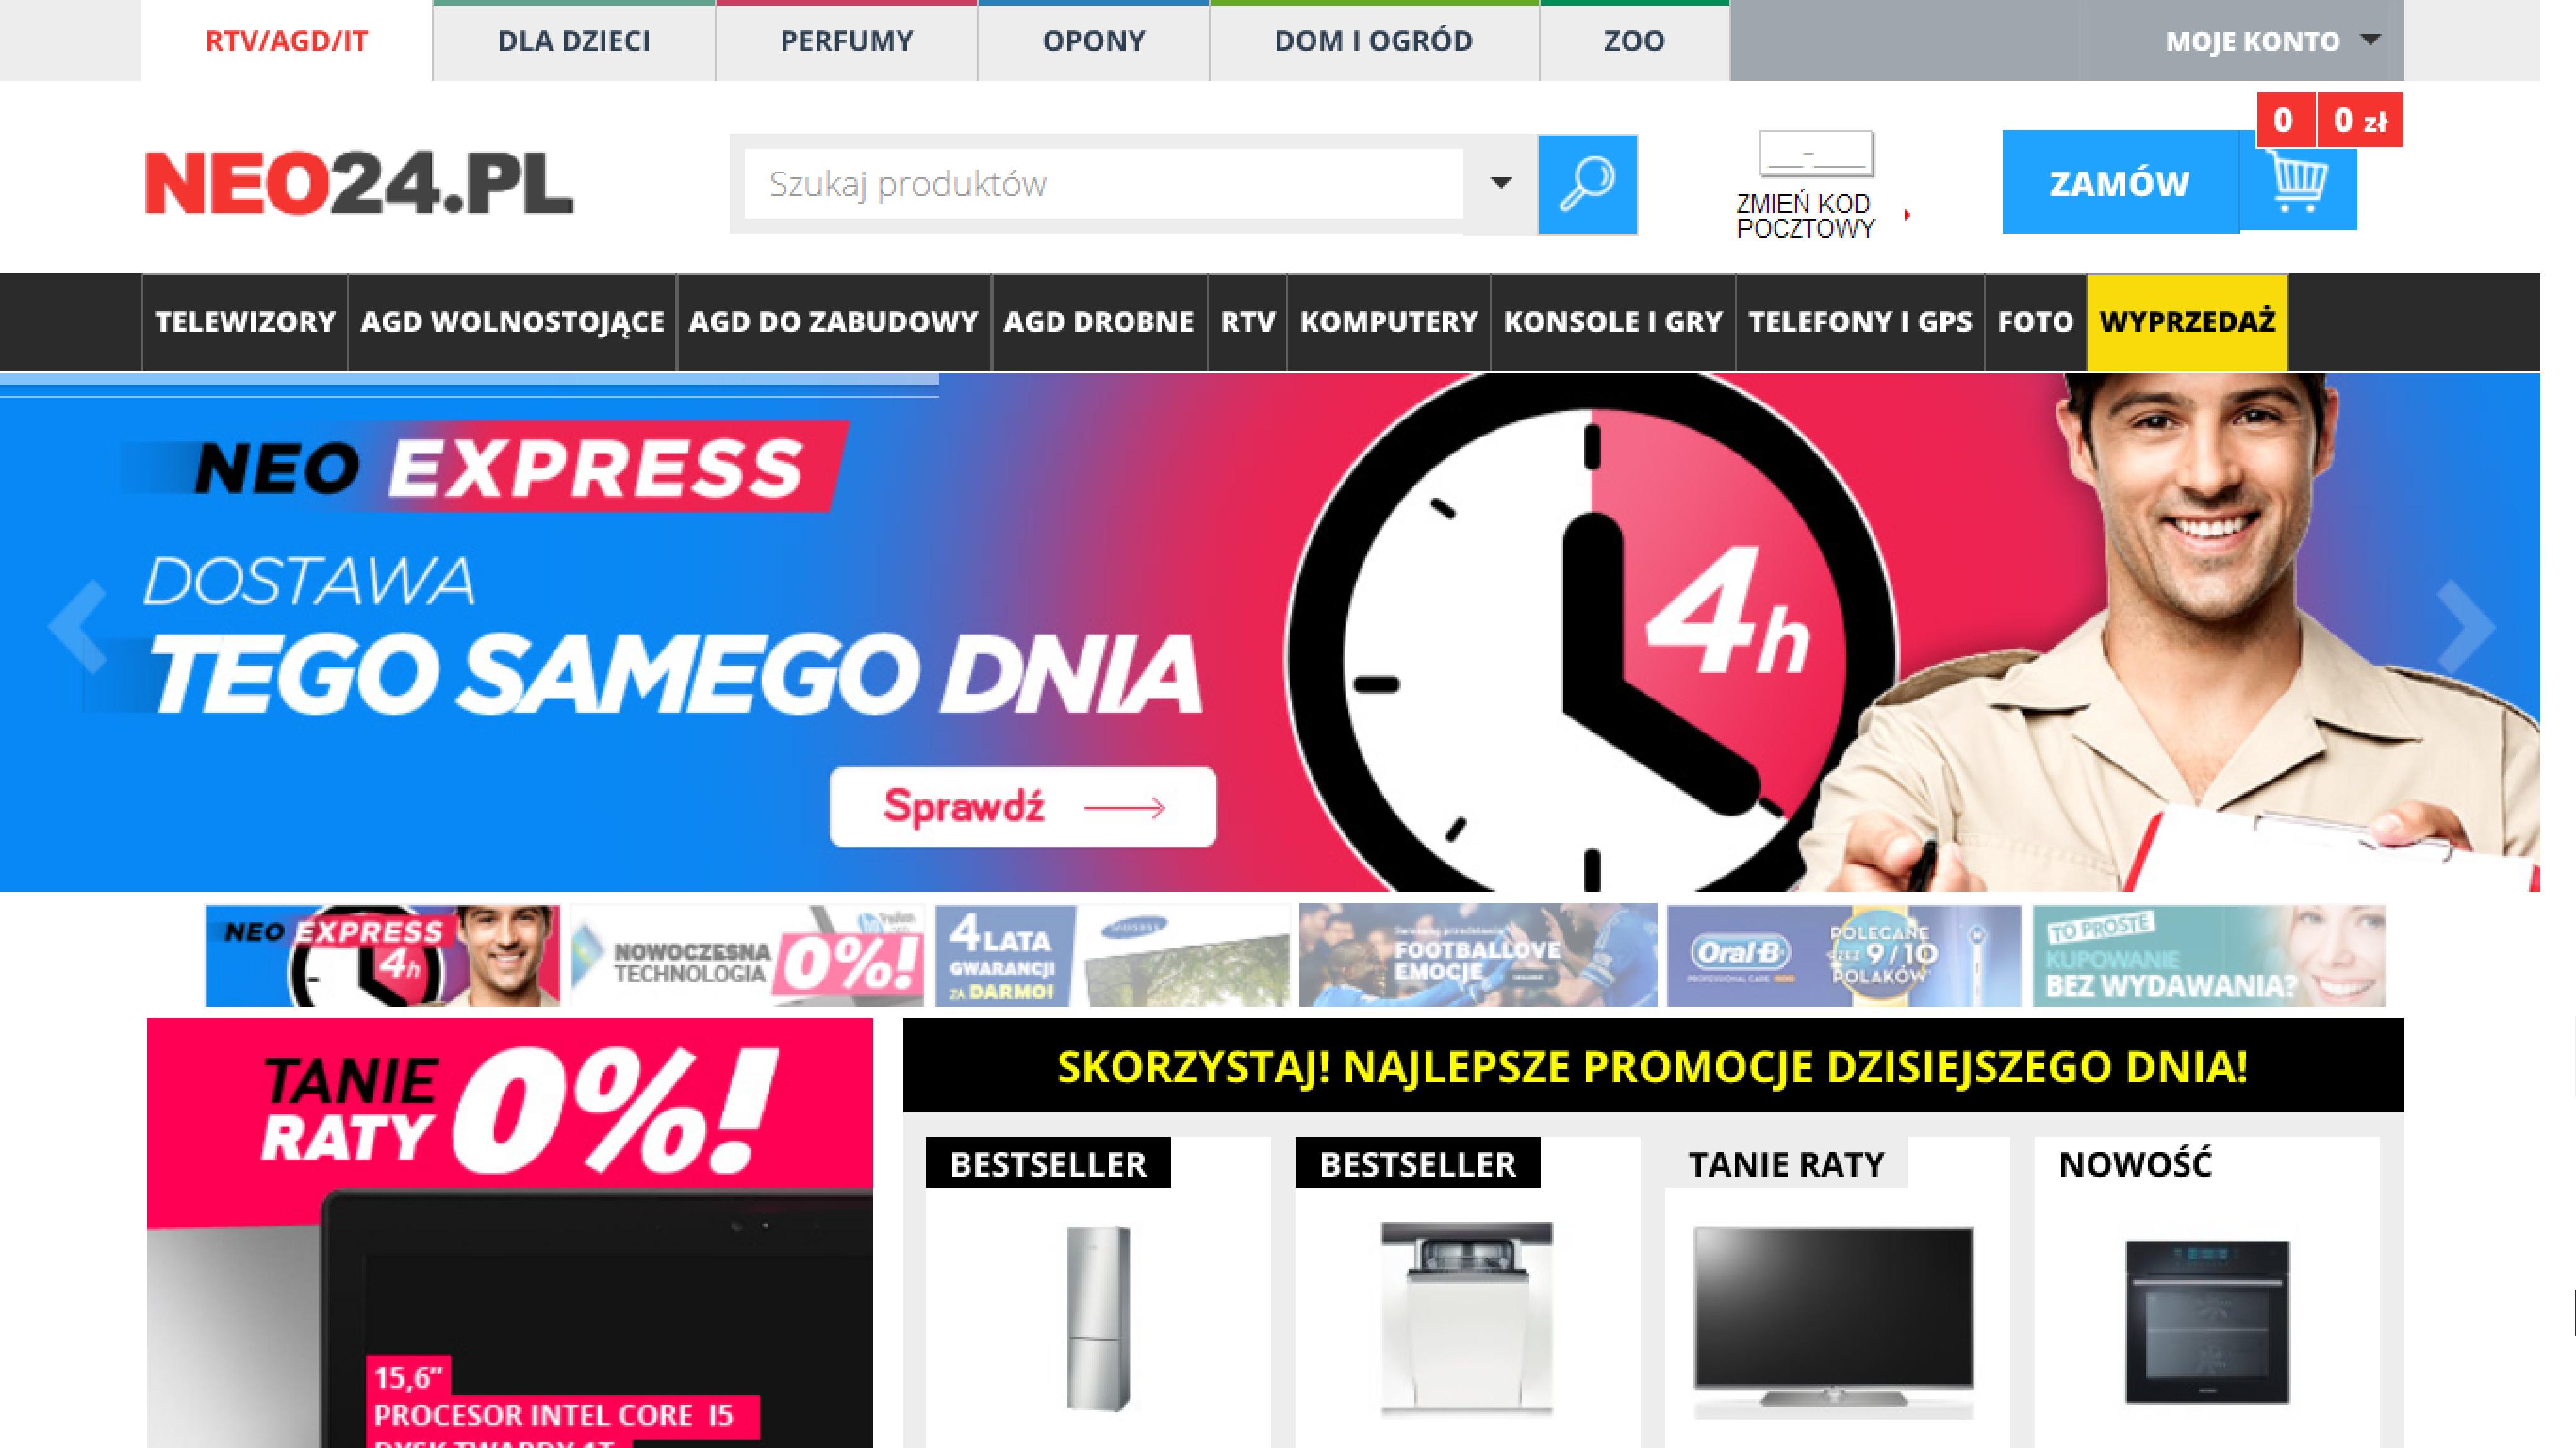 Neo24.pl wprowadza ekspresową dostawę